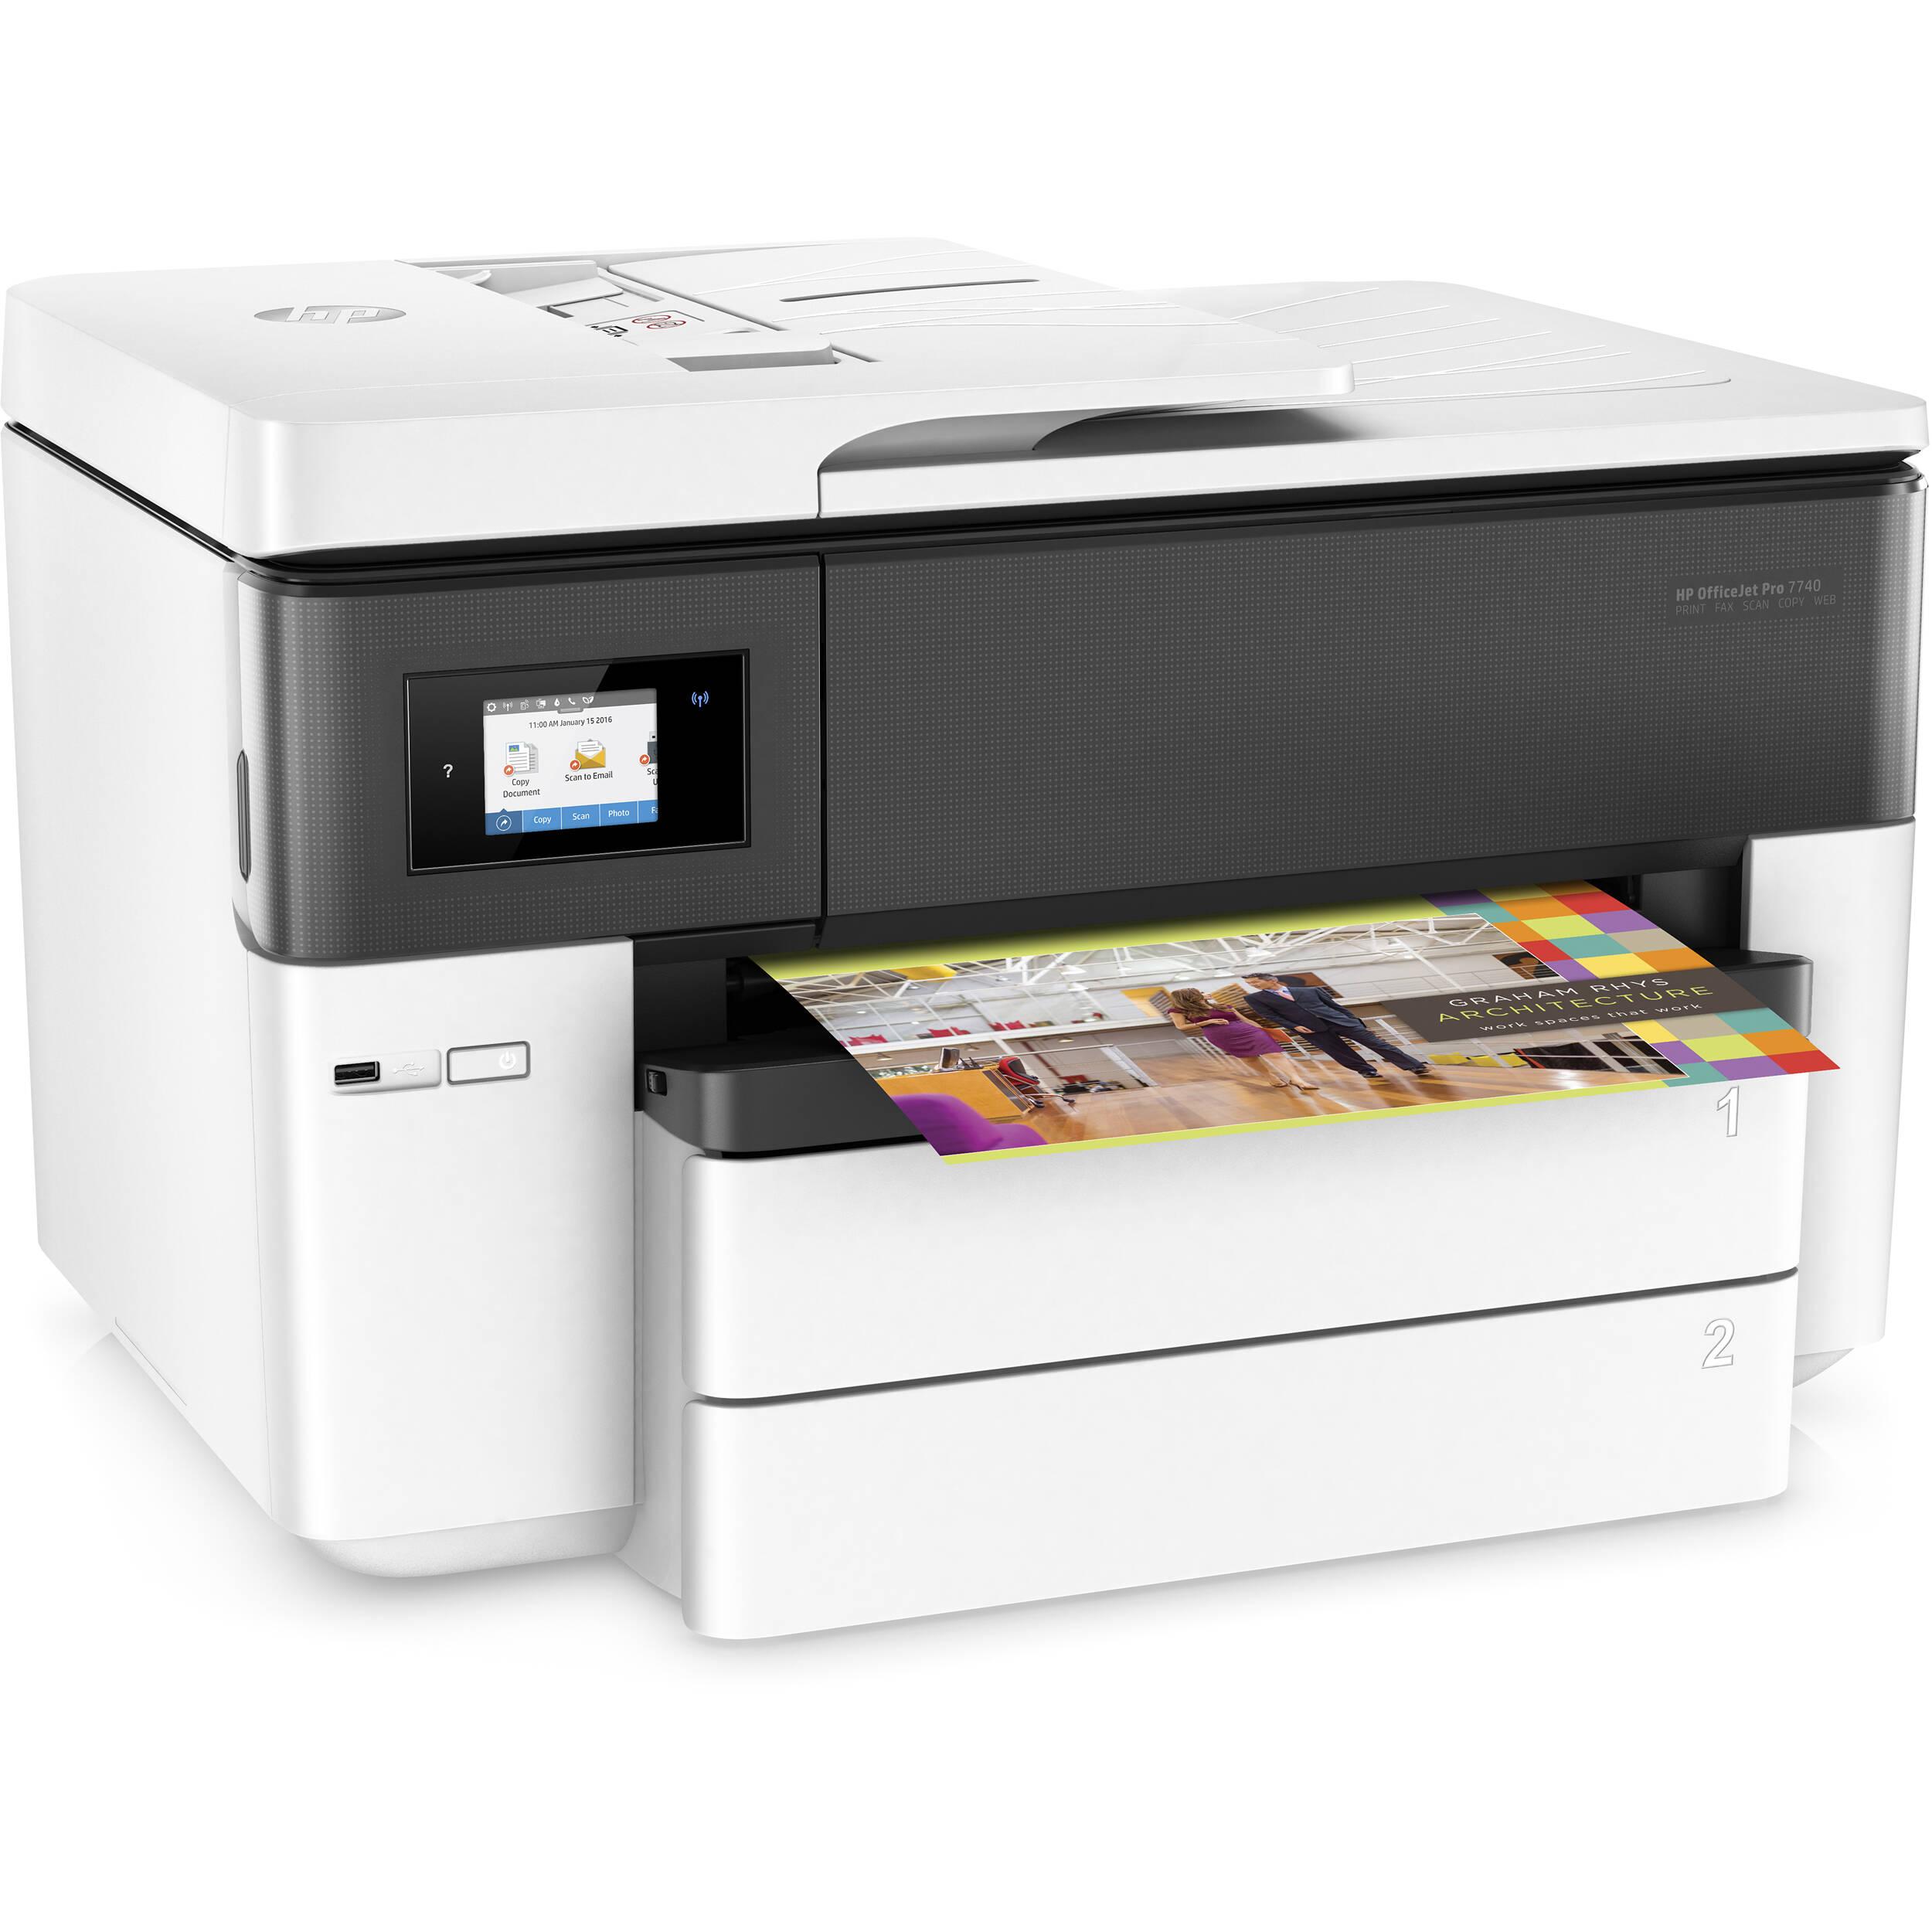 HP OfficeJet Pro 7740 Wide Format All-In-One Inkjet Printer